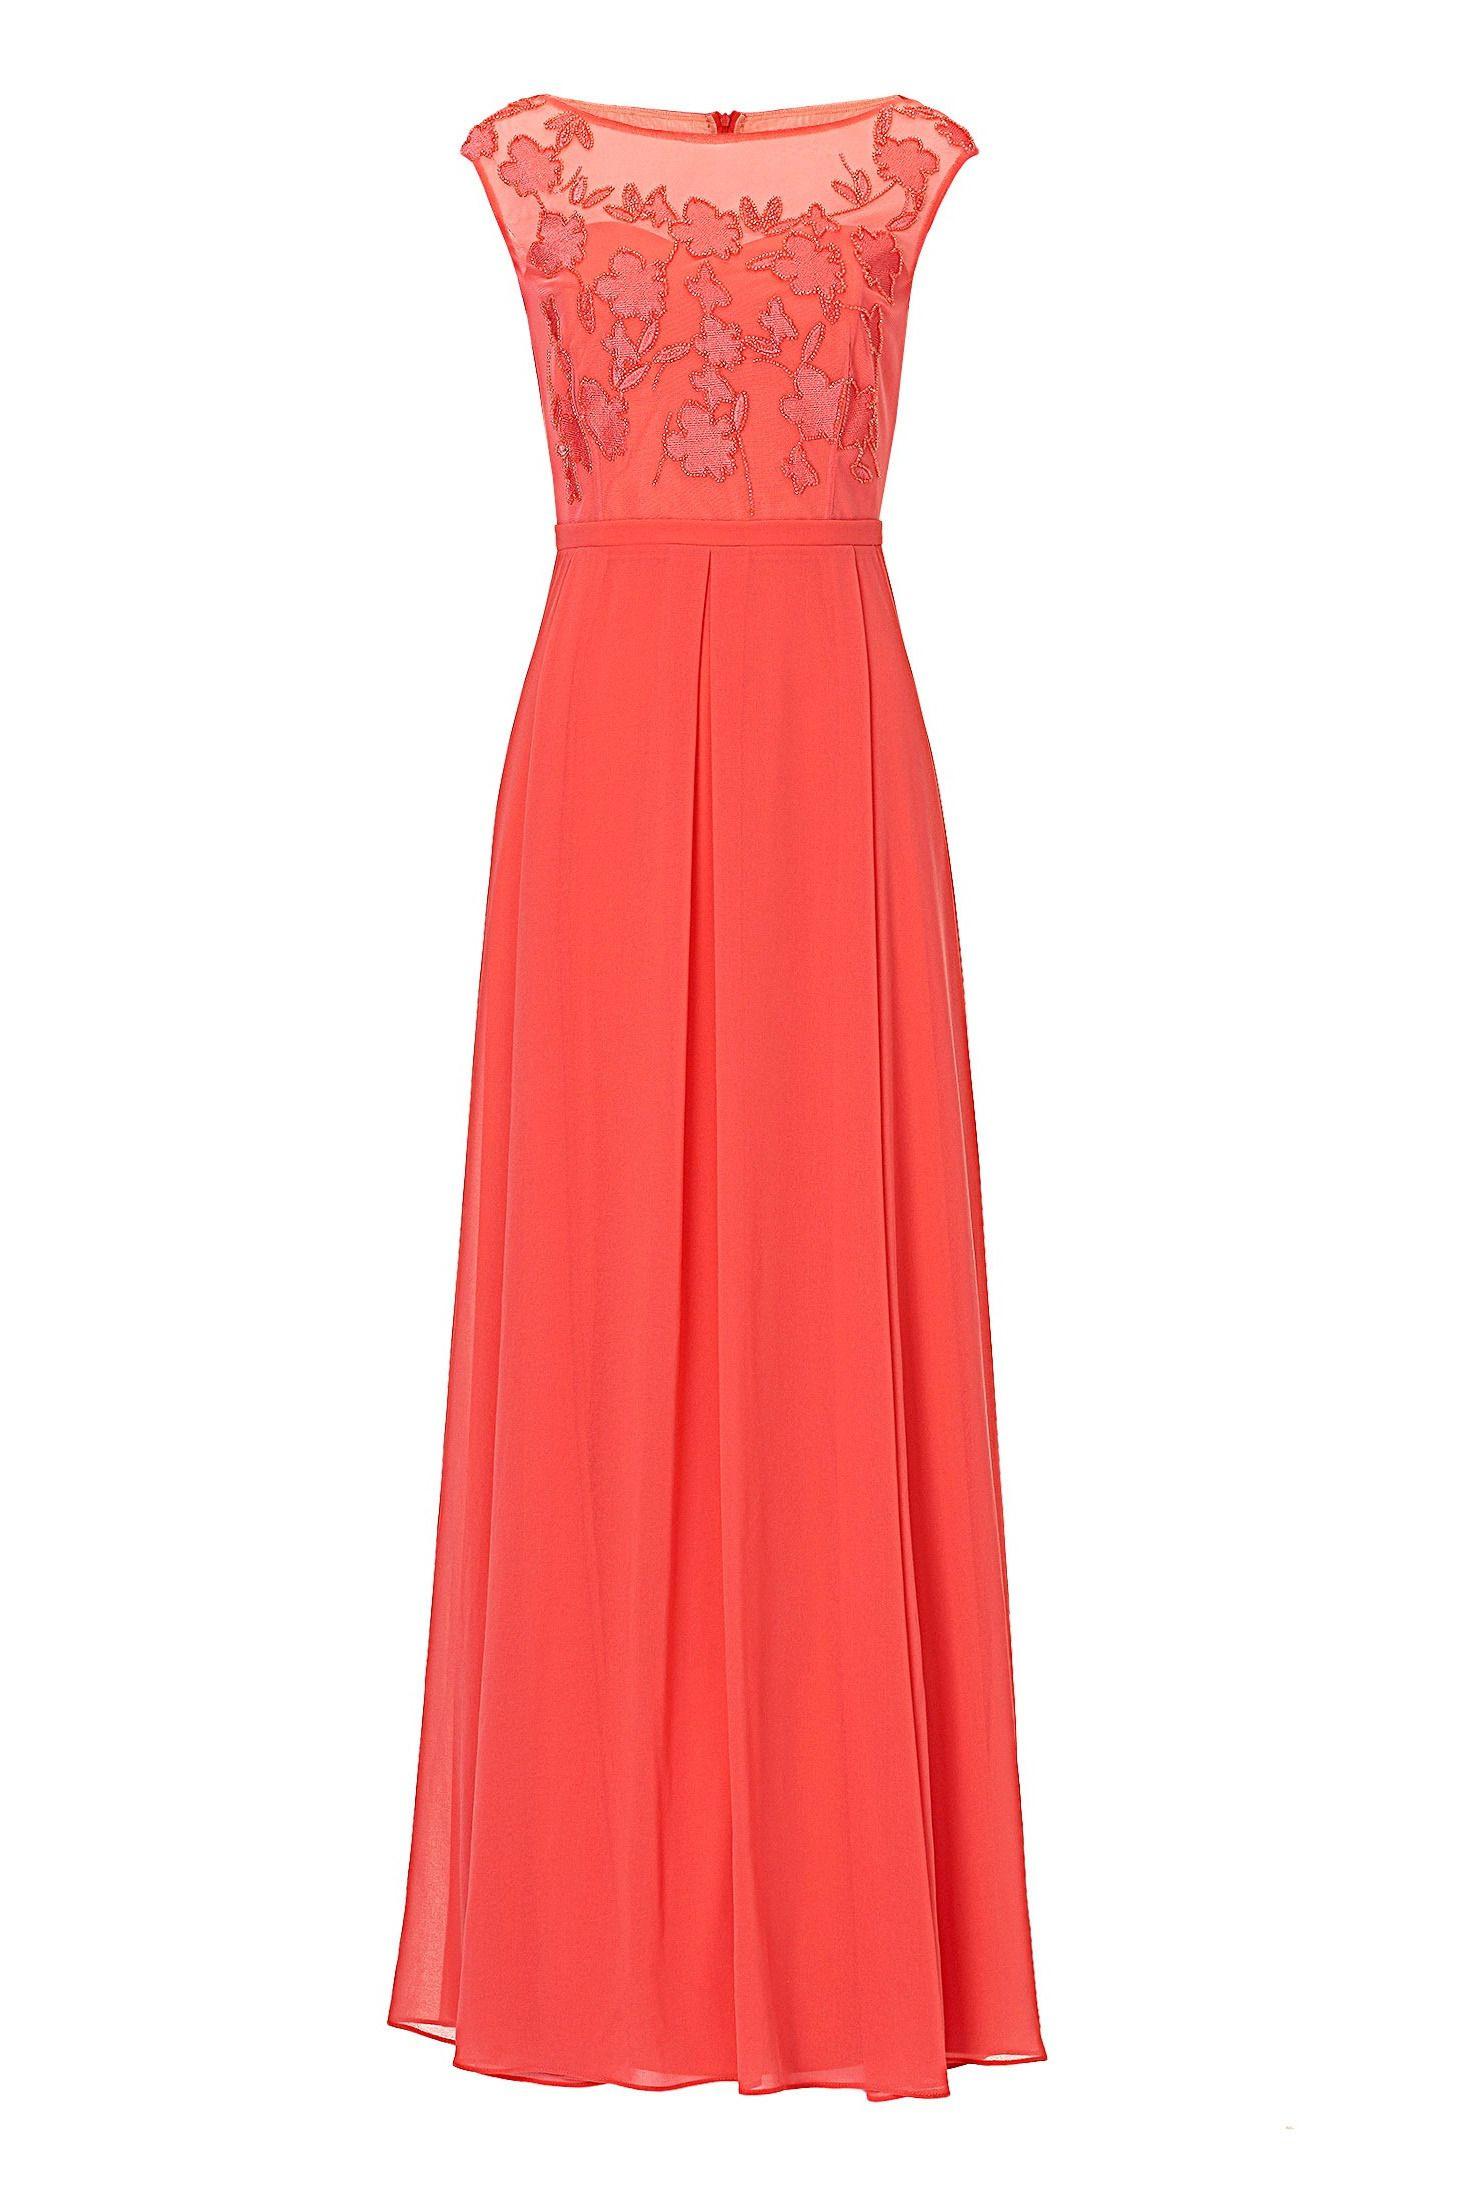 Designer Cool Abendkleid Koralle Galerie13 Erstaunlich Abendkleid Koralle Ärmel